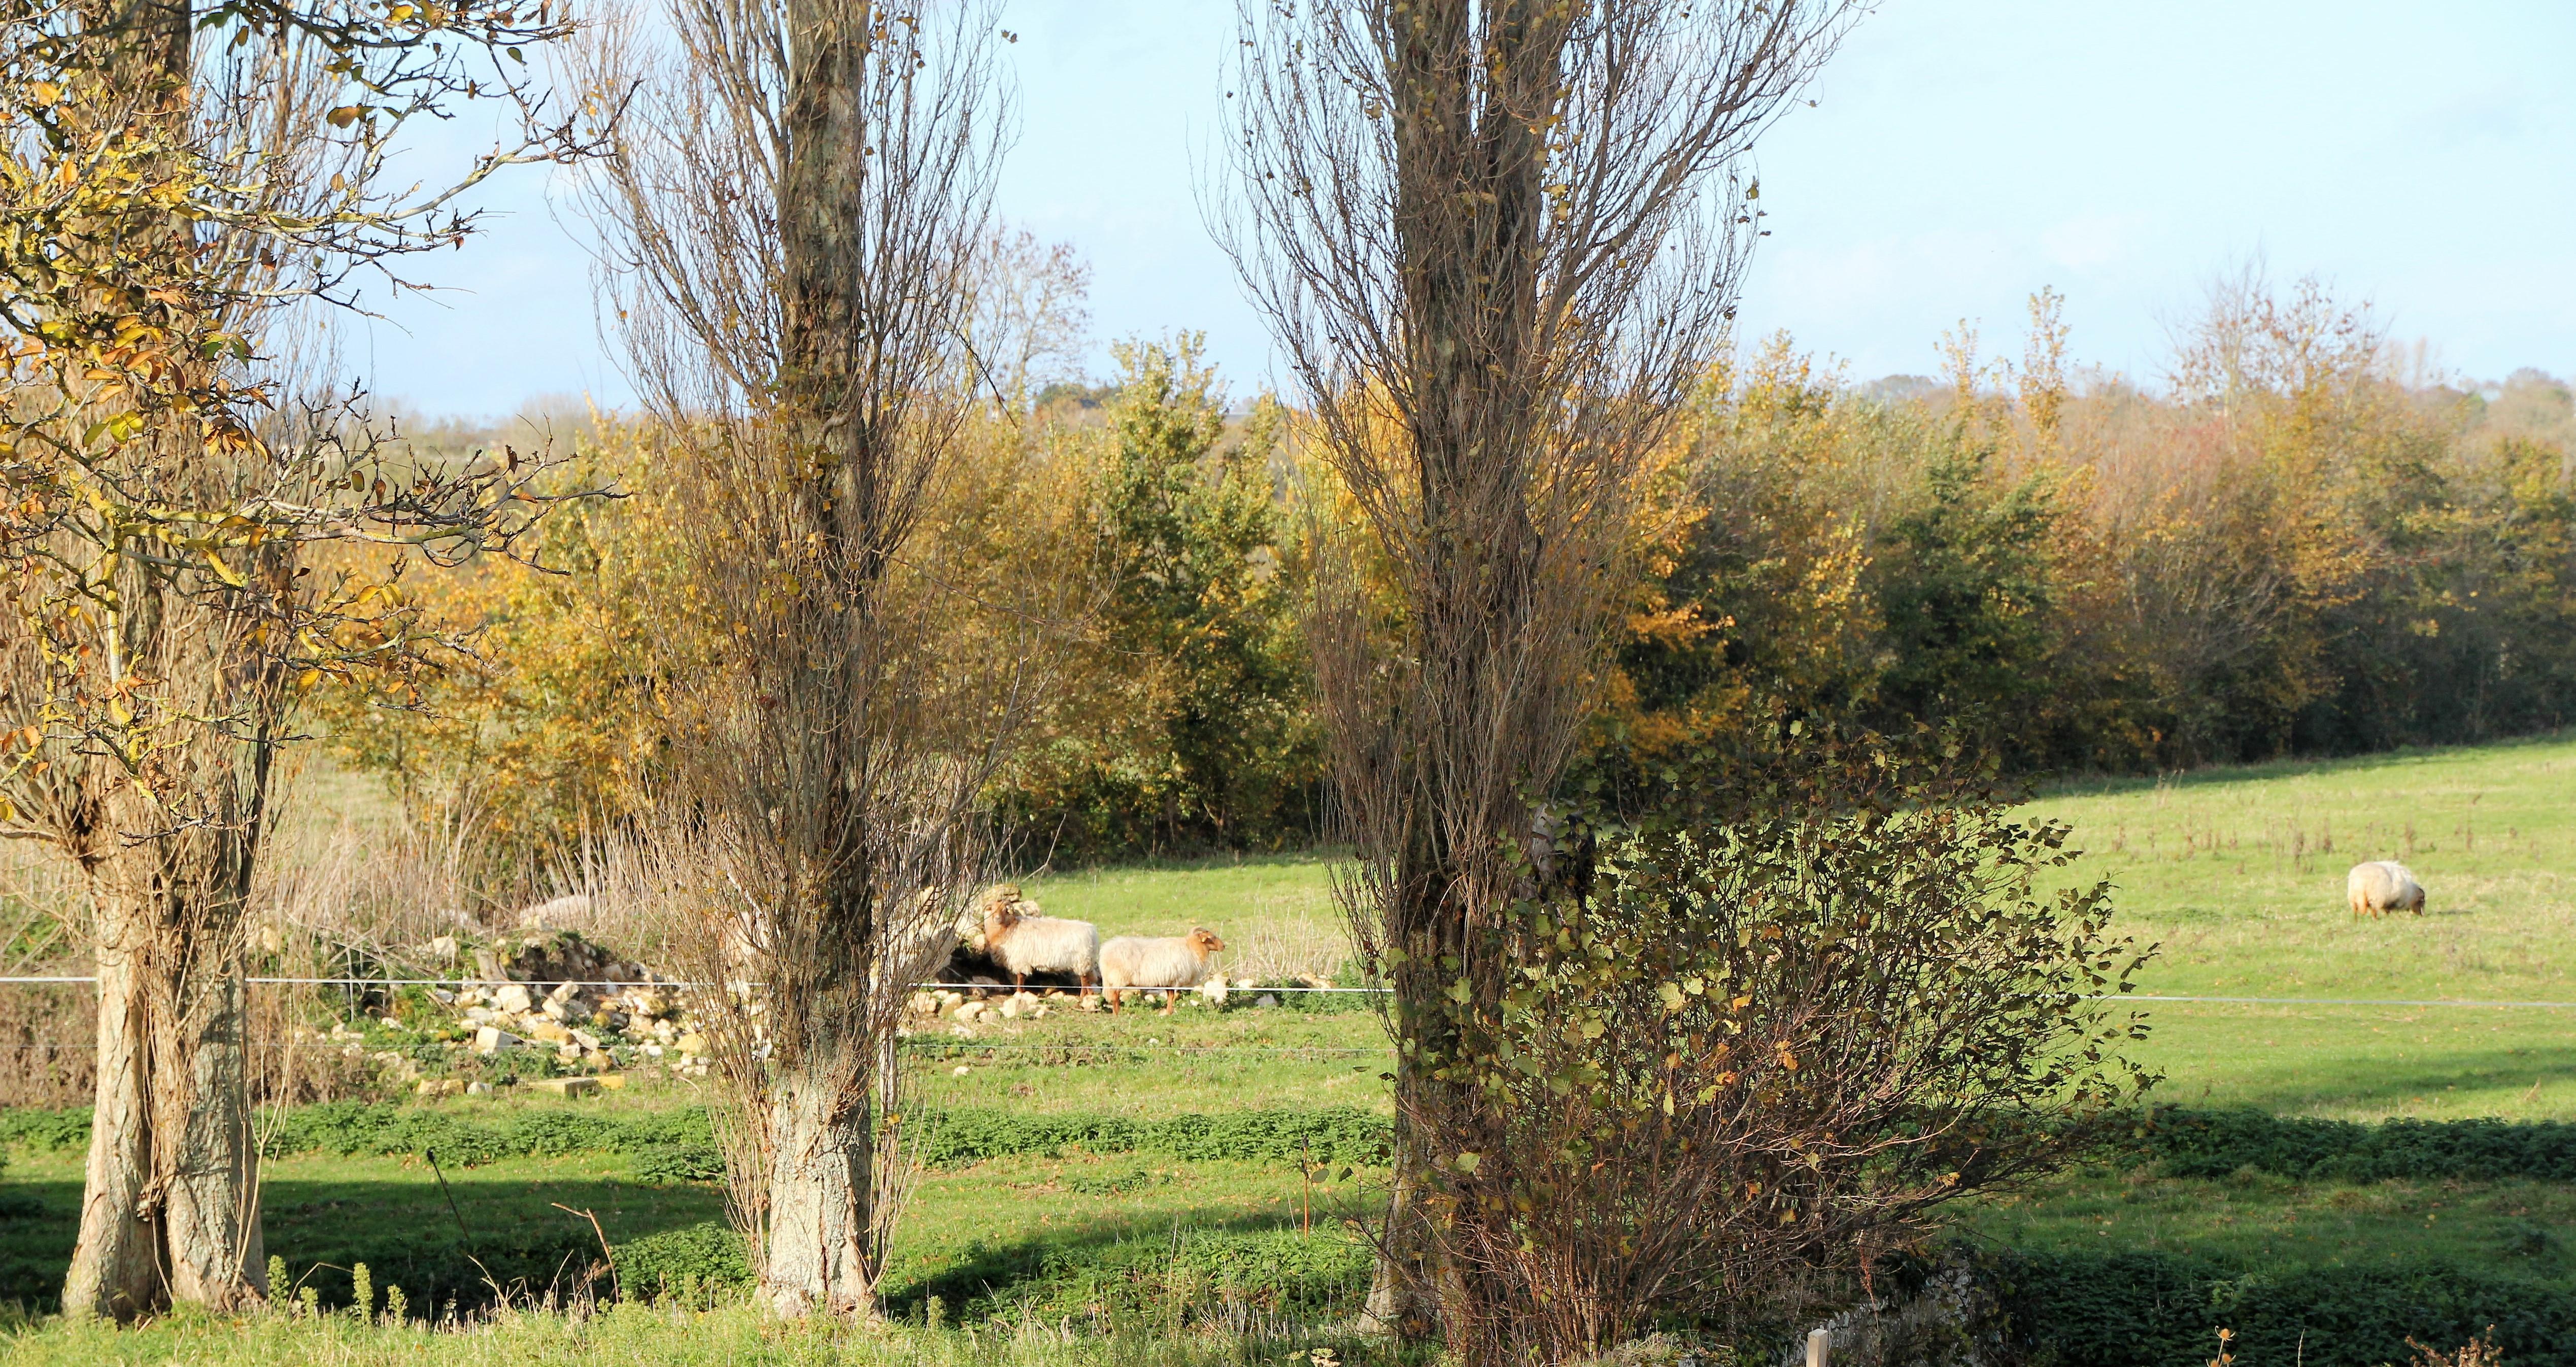 ferme-hay-day-uitzicht